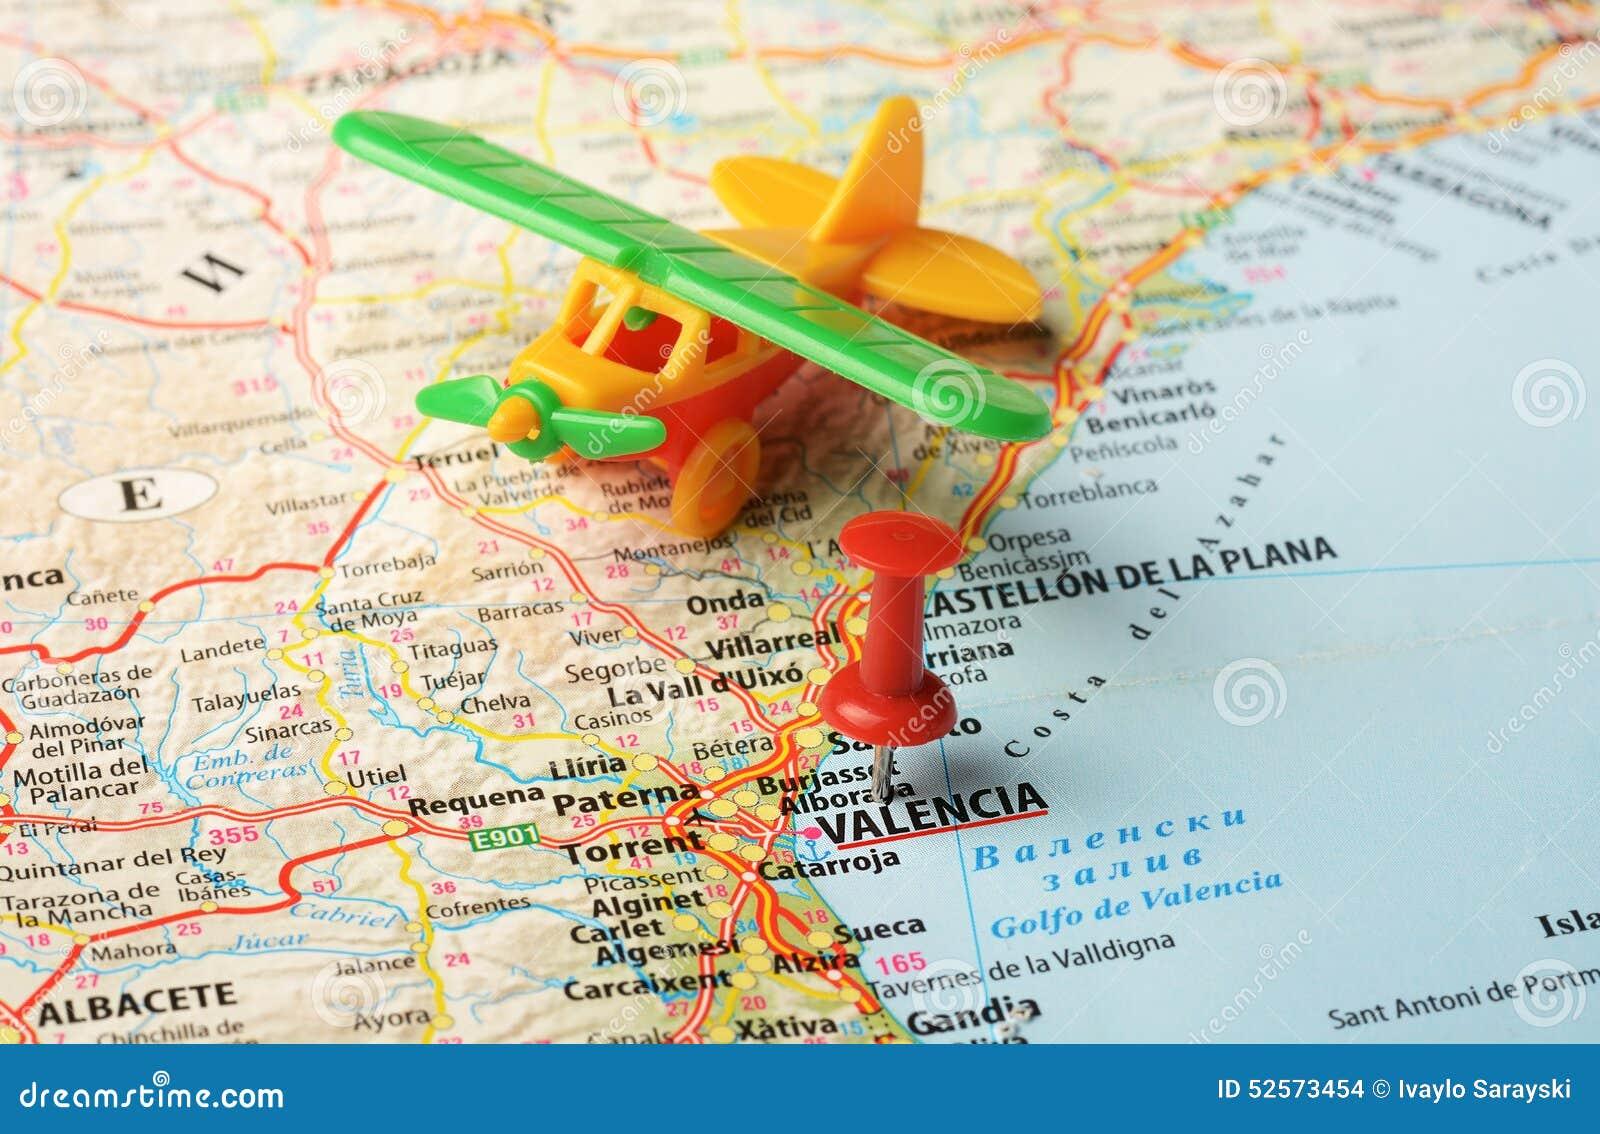 Valencia Voo Do Mapa Da Espanha Foto De Stock Imagem De Turista